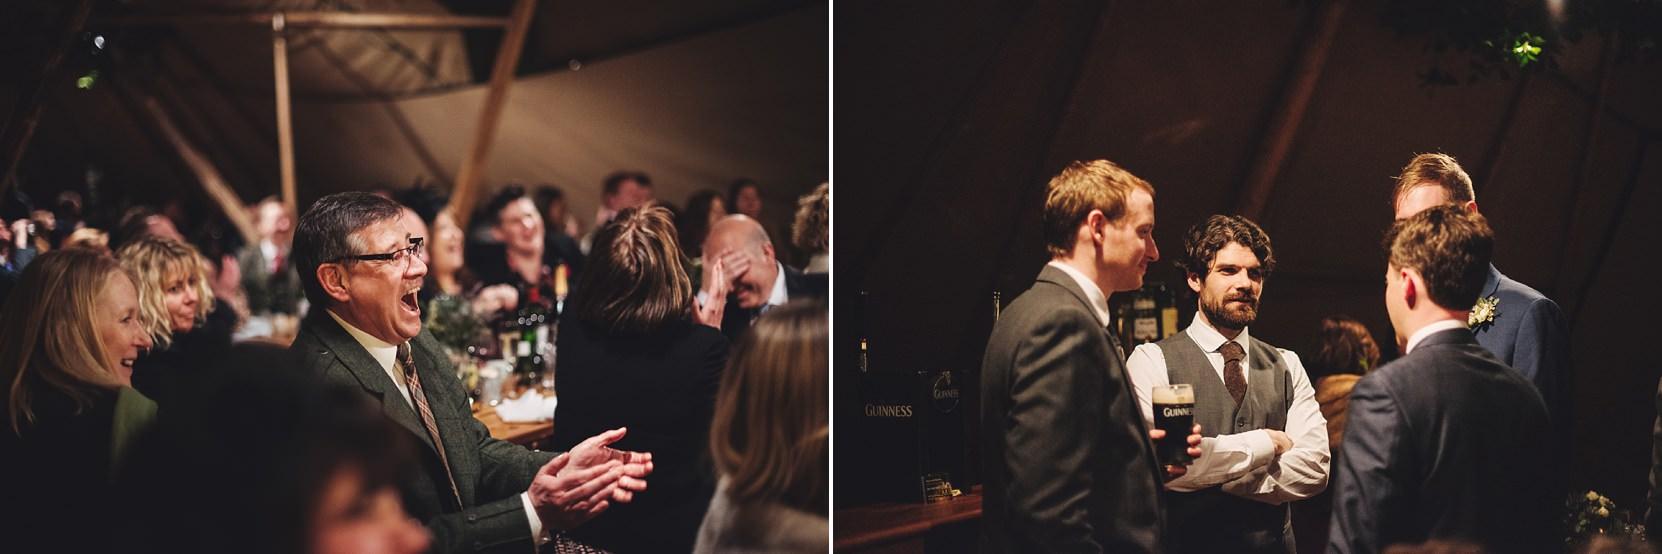 Portnoo-Wedding-Photography_0143